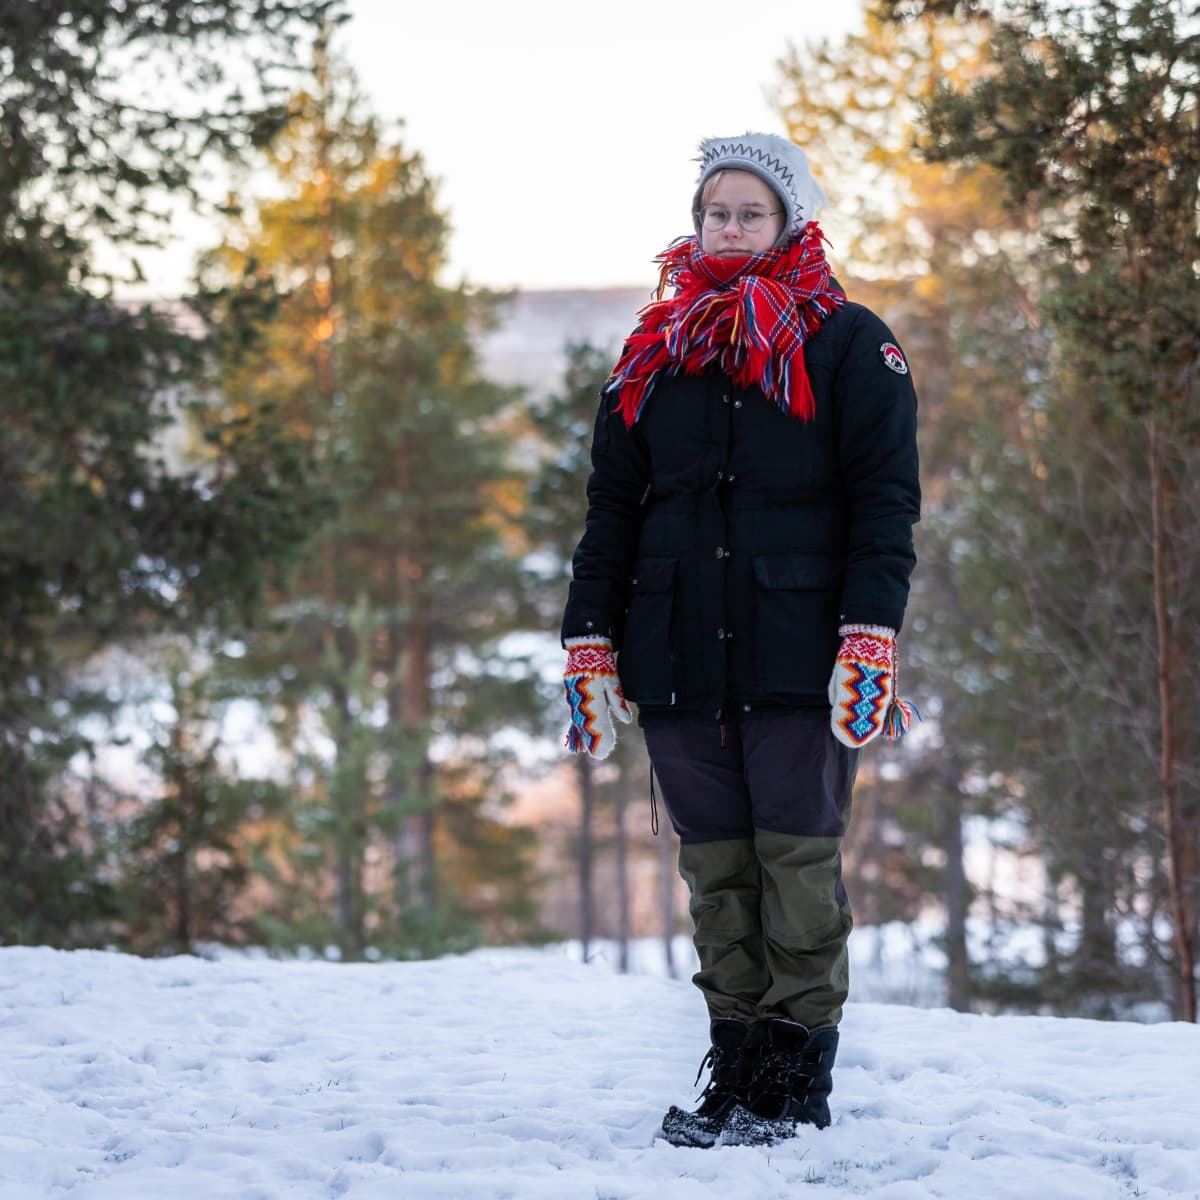 Saamelaiskäräjien nuorisoneuvoston puheenjohtaja Anni-Sofia Niittyvuopio.